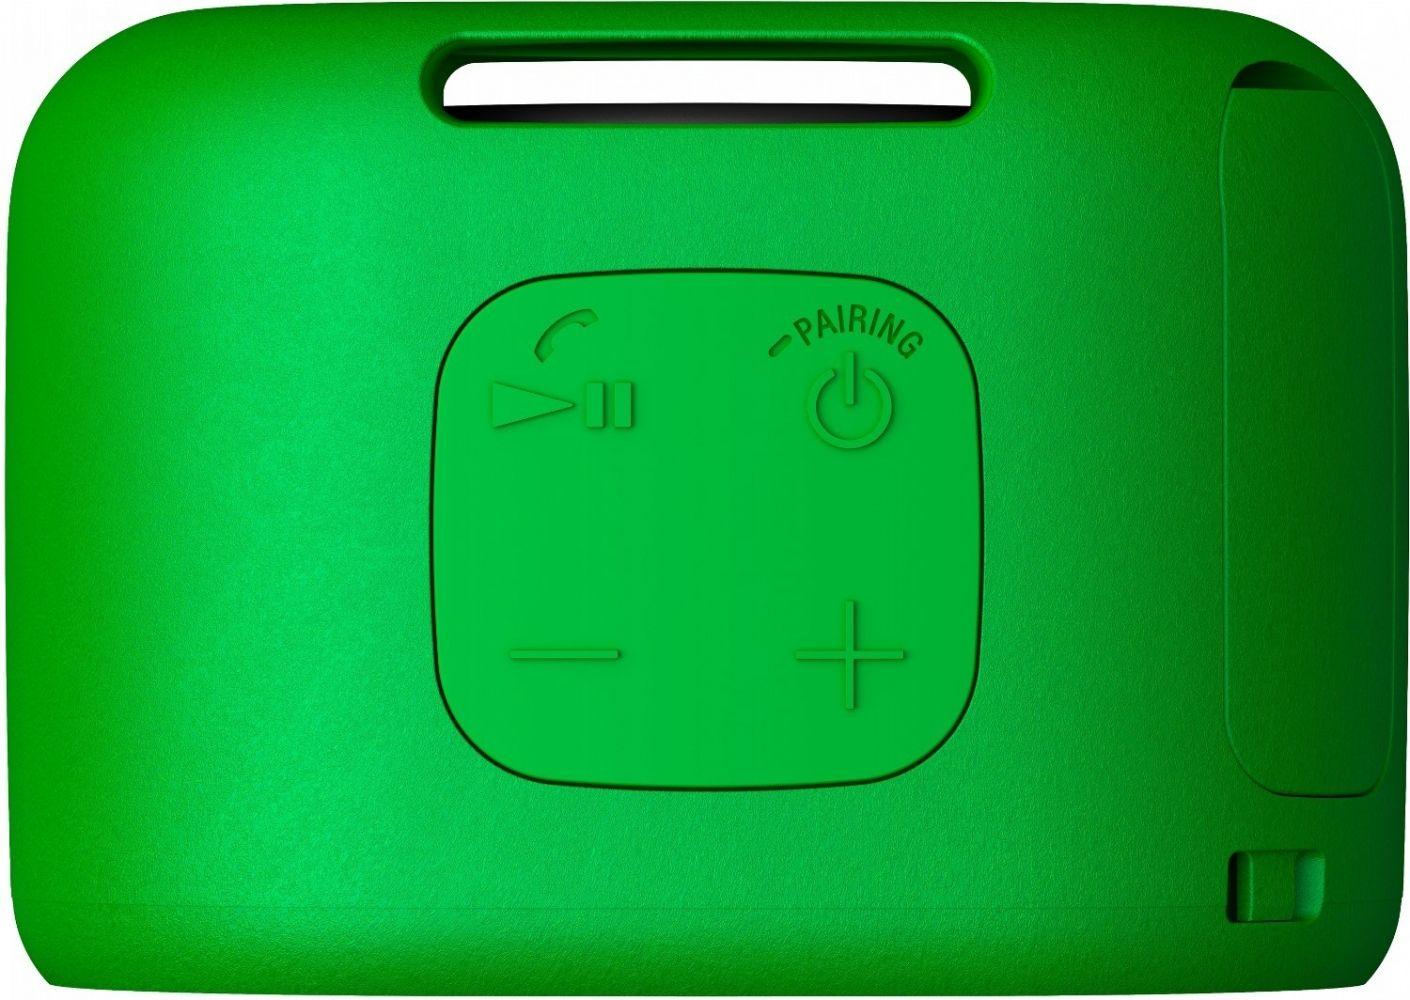 Акустическая система Sony SRS-XB01 (SRSXB01G.RU2) Green от Територія твоєї техніки - 5